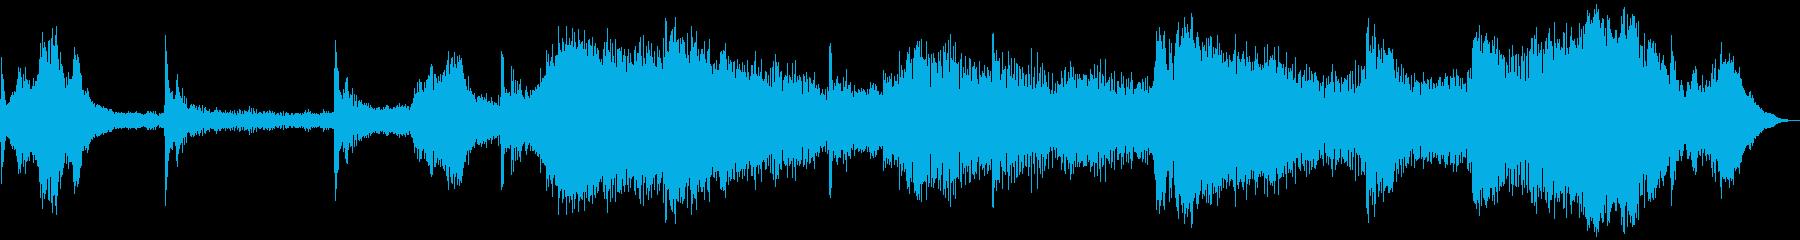 【ホラーゲーム】 敵の気配 シーンの再生済みの波形